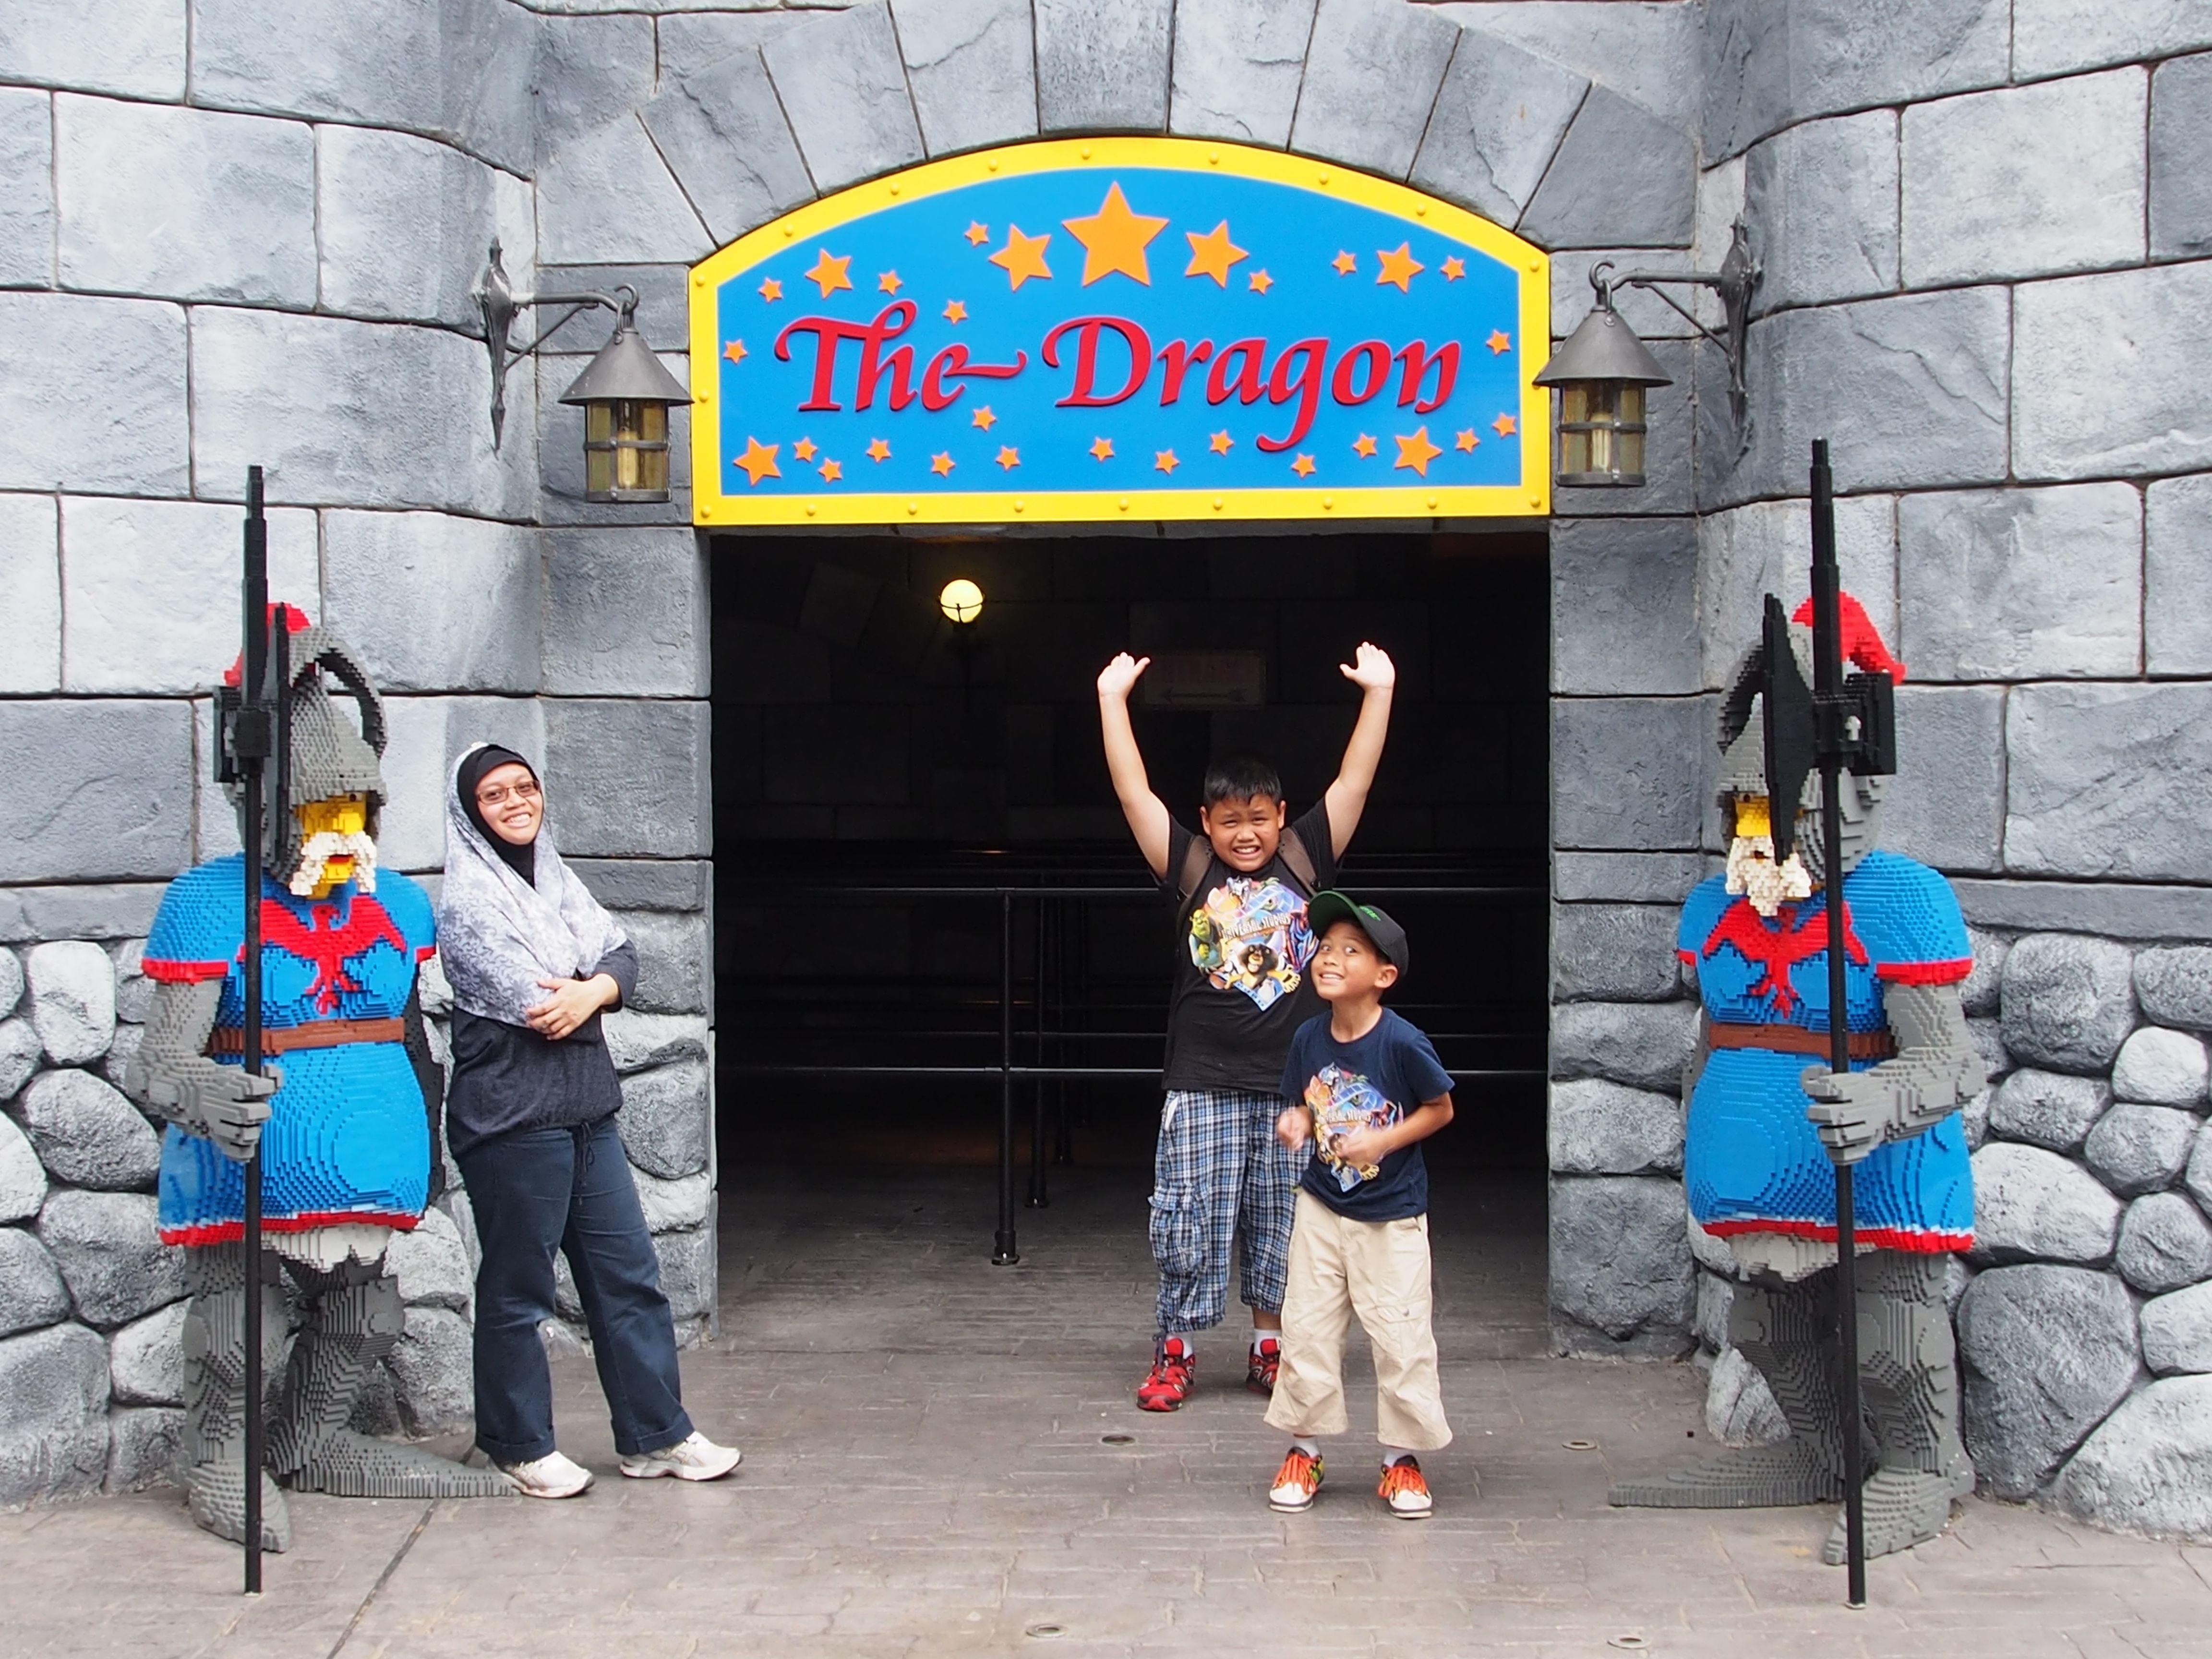 Largest ride for the kids | Legoland malaysia, Legoland ...